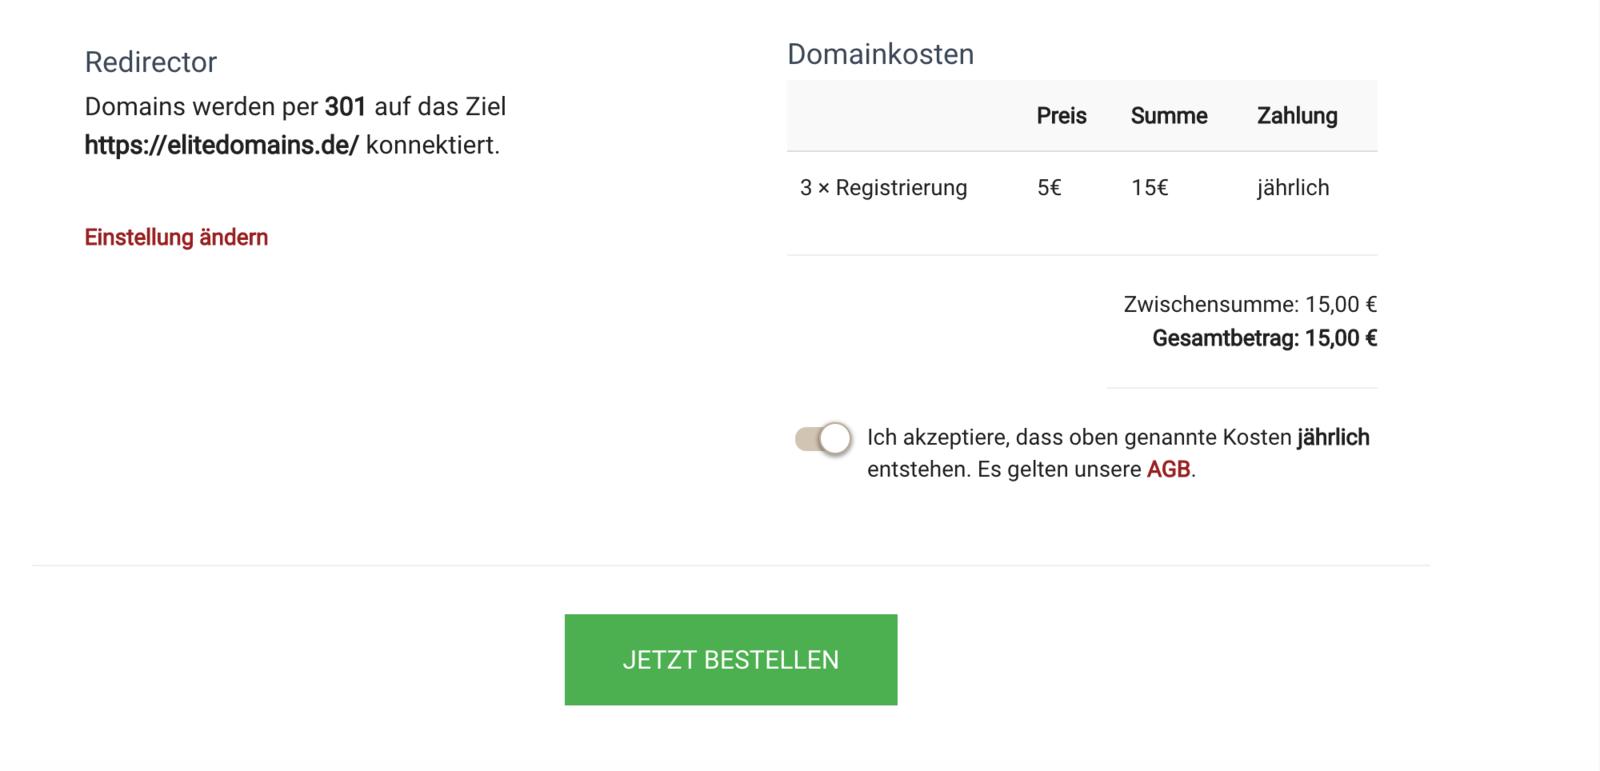 .de Domains bestellen - Schritt 6 - Bestellung bestätigen